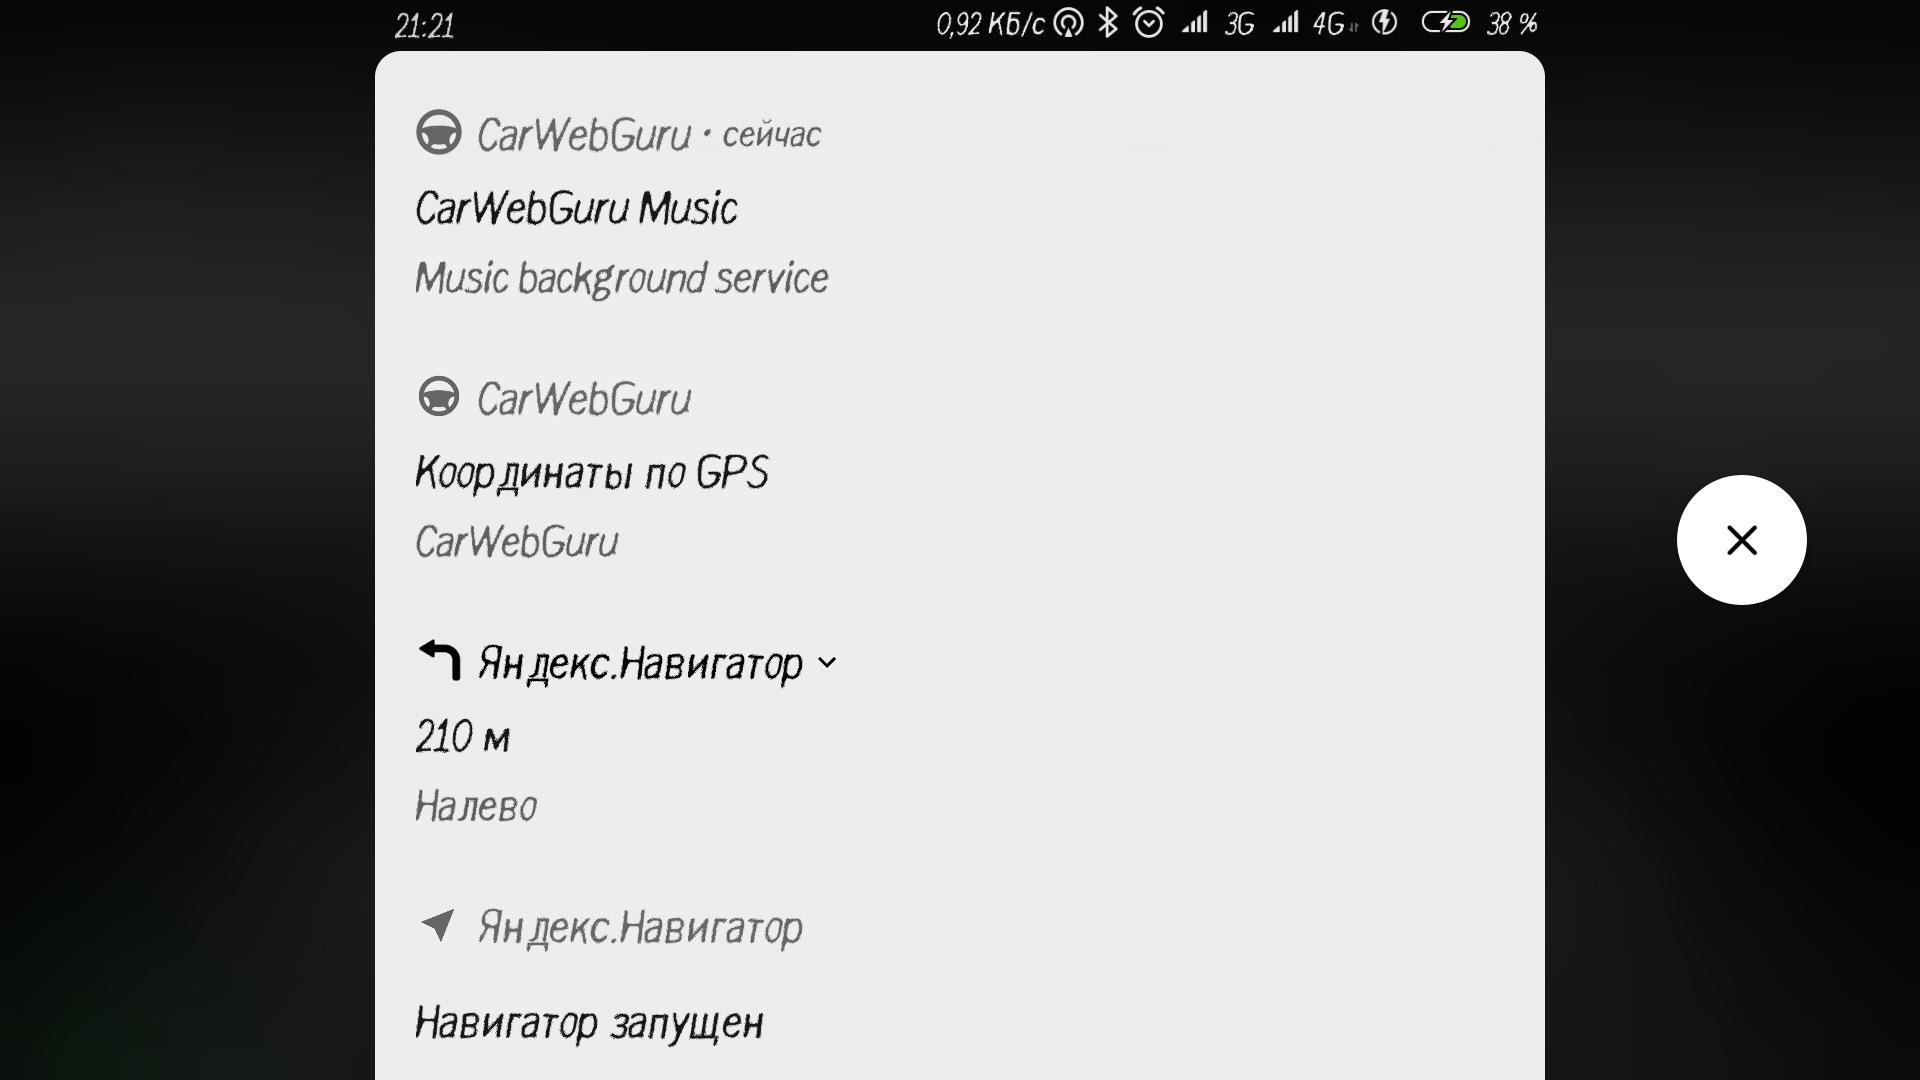 Новая версия CarWebGuru 2 68 — Сообщество «CarWebGuru (автомобильный